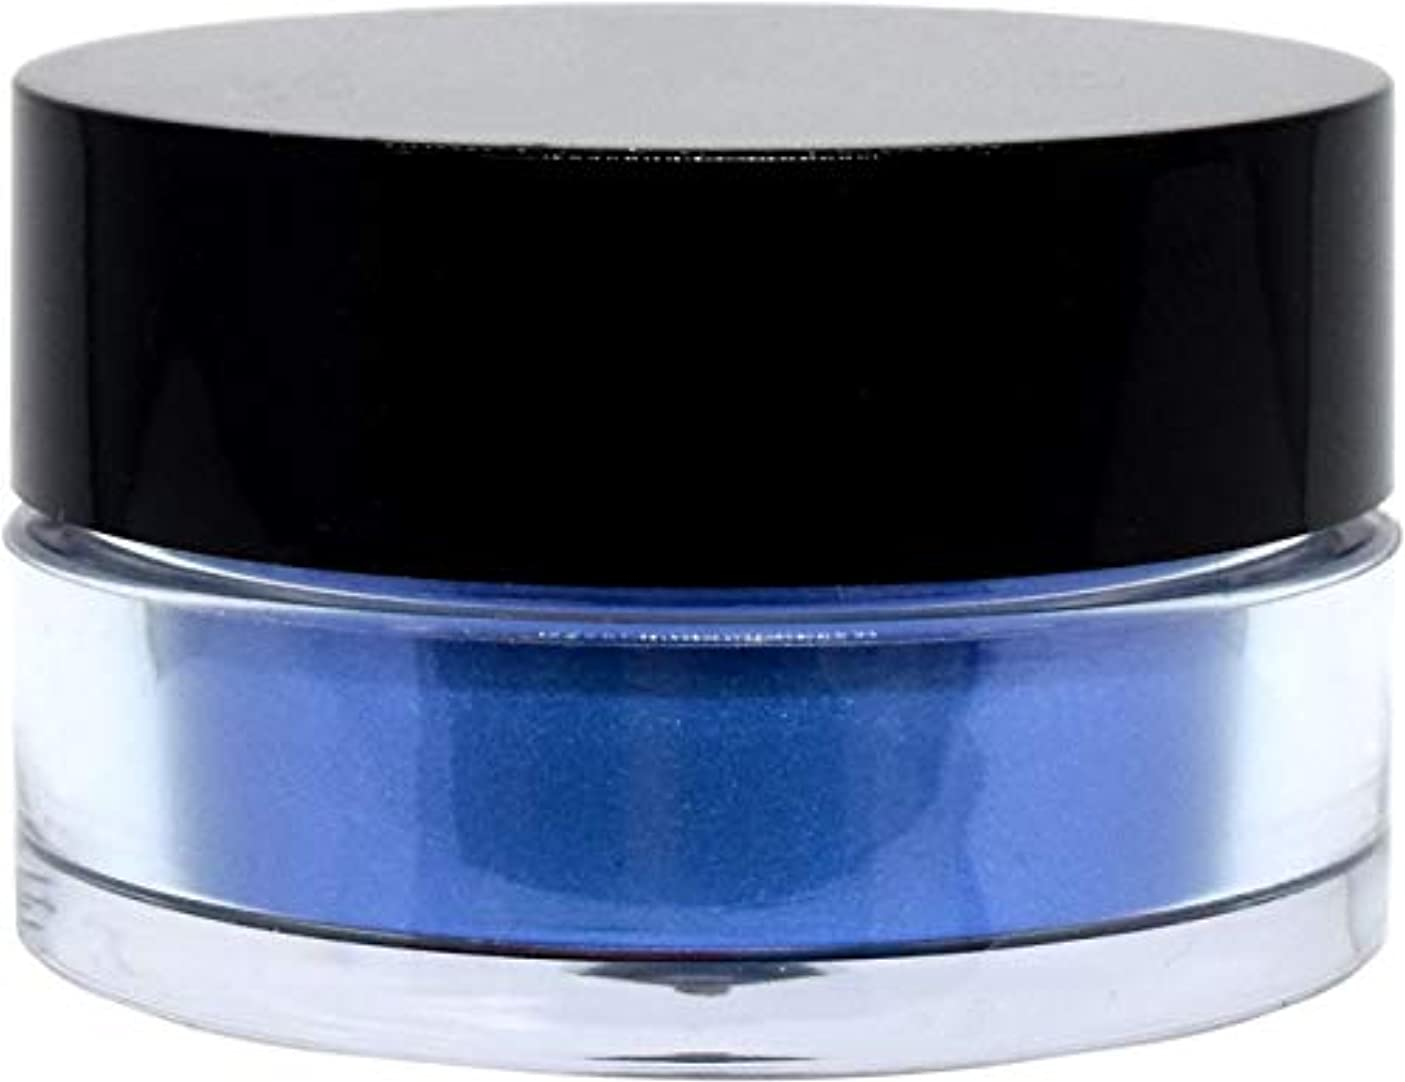 避けられない癒す推進力三善 プチカラー 高発色 アイシャドウ パール col:15 ブルー系